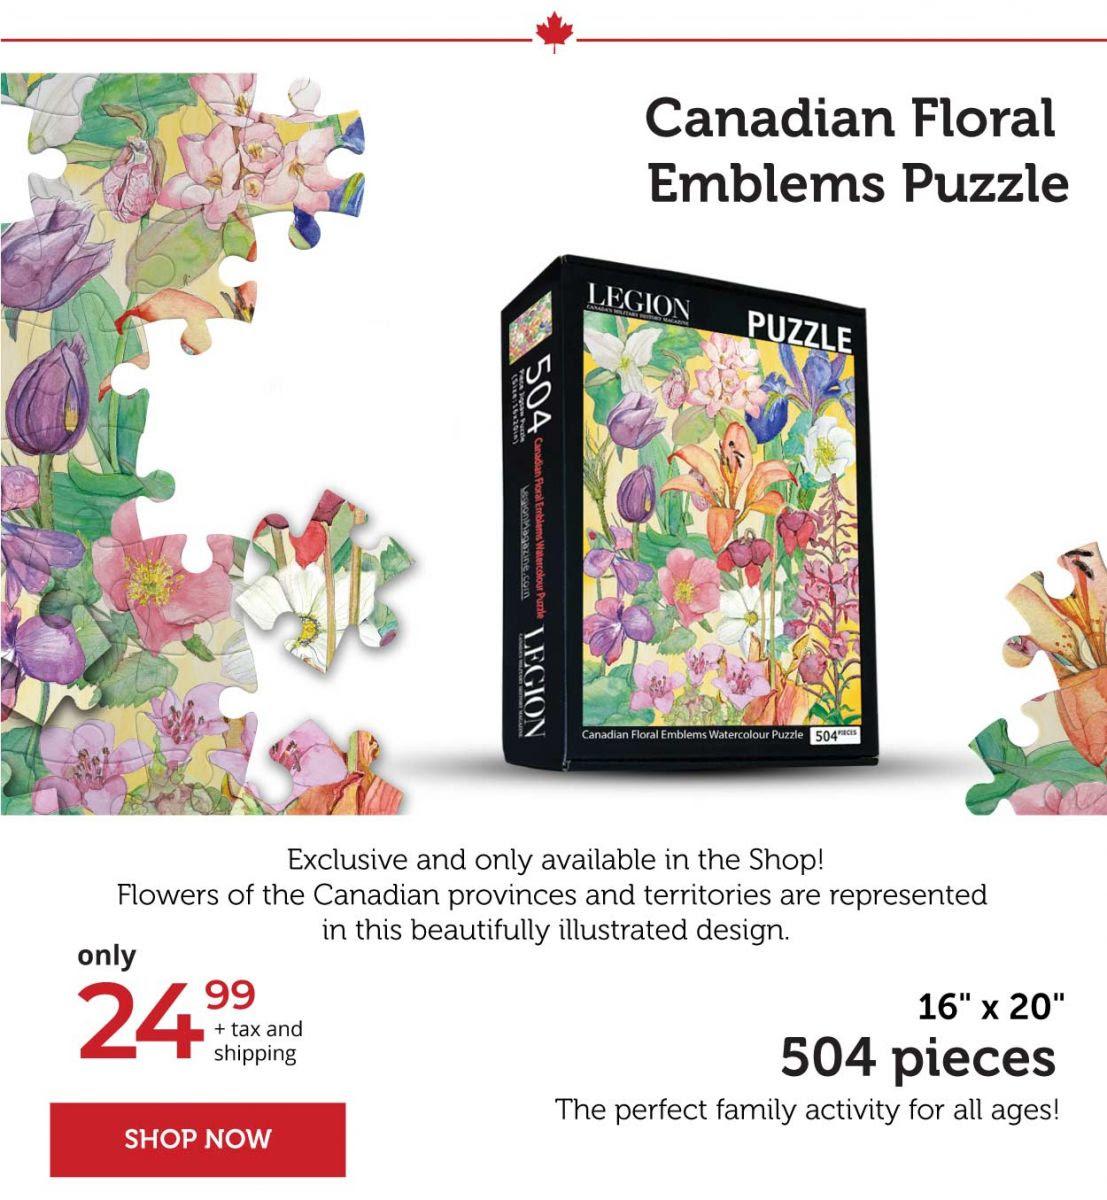 Canadian floral emblems puzzle